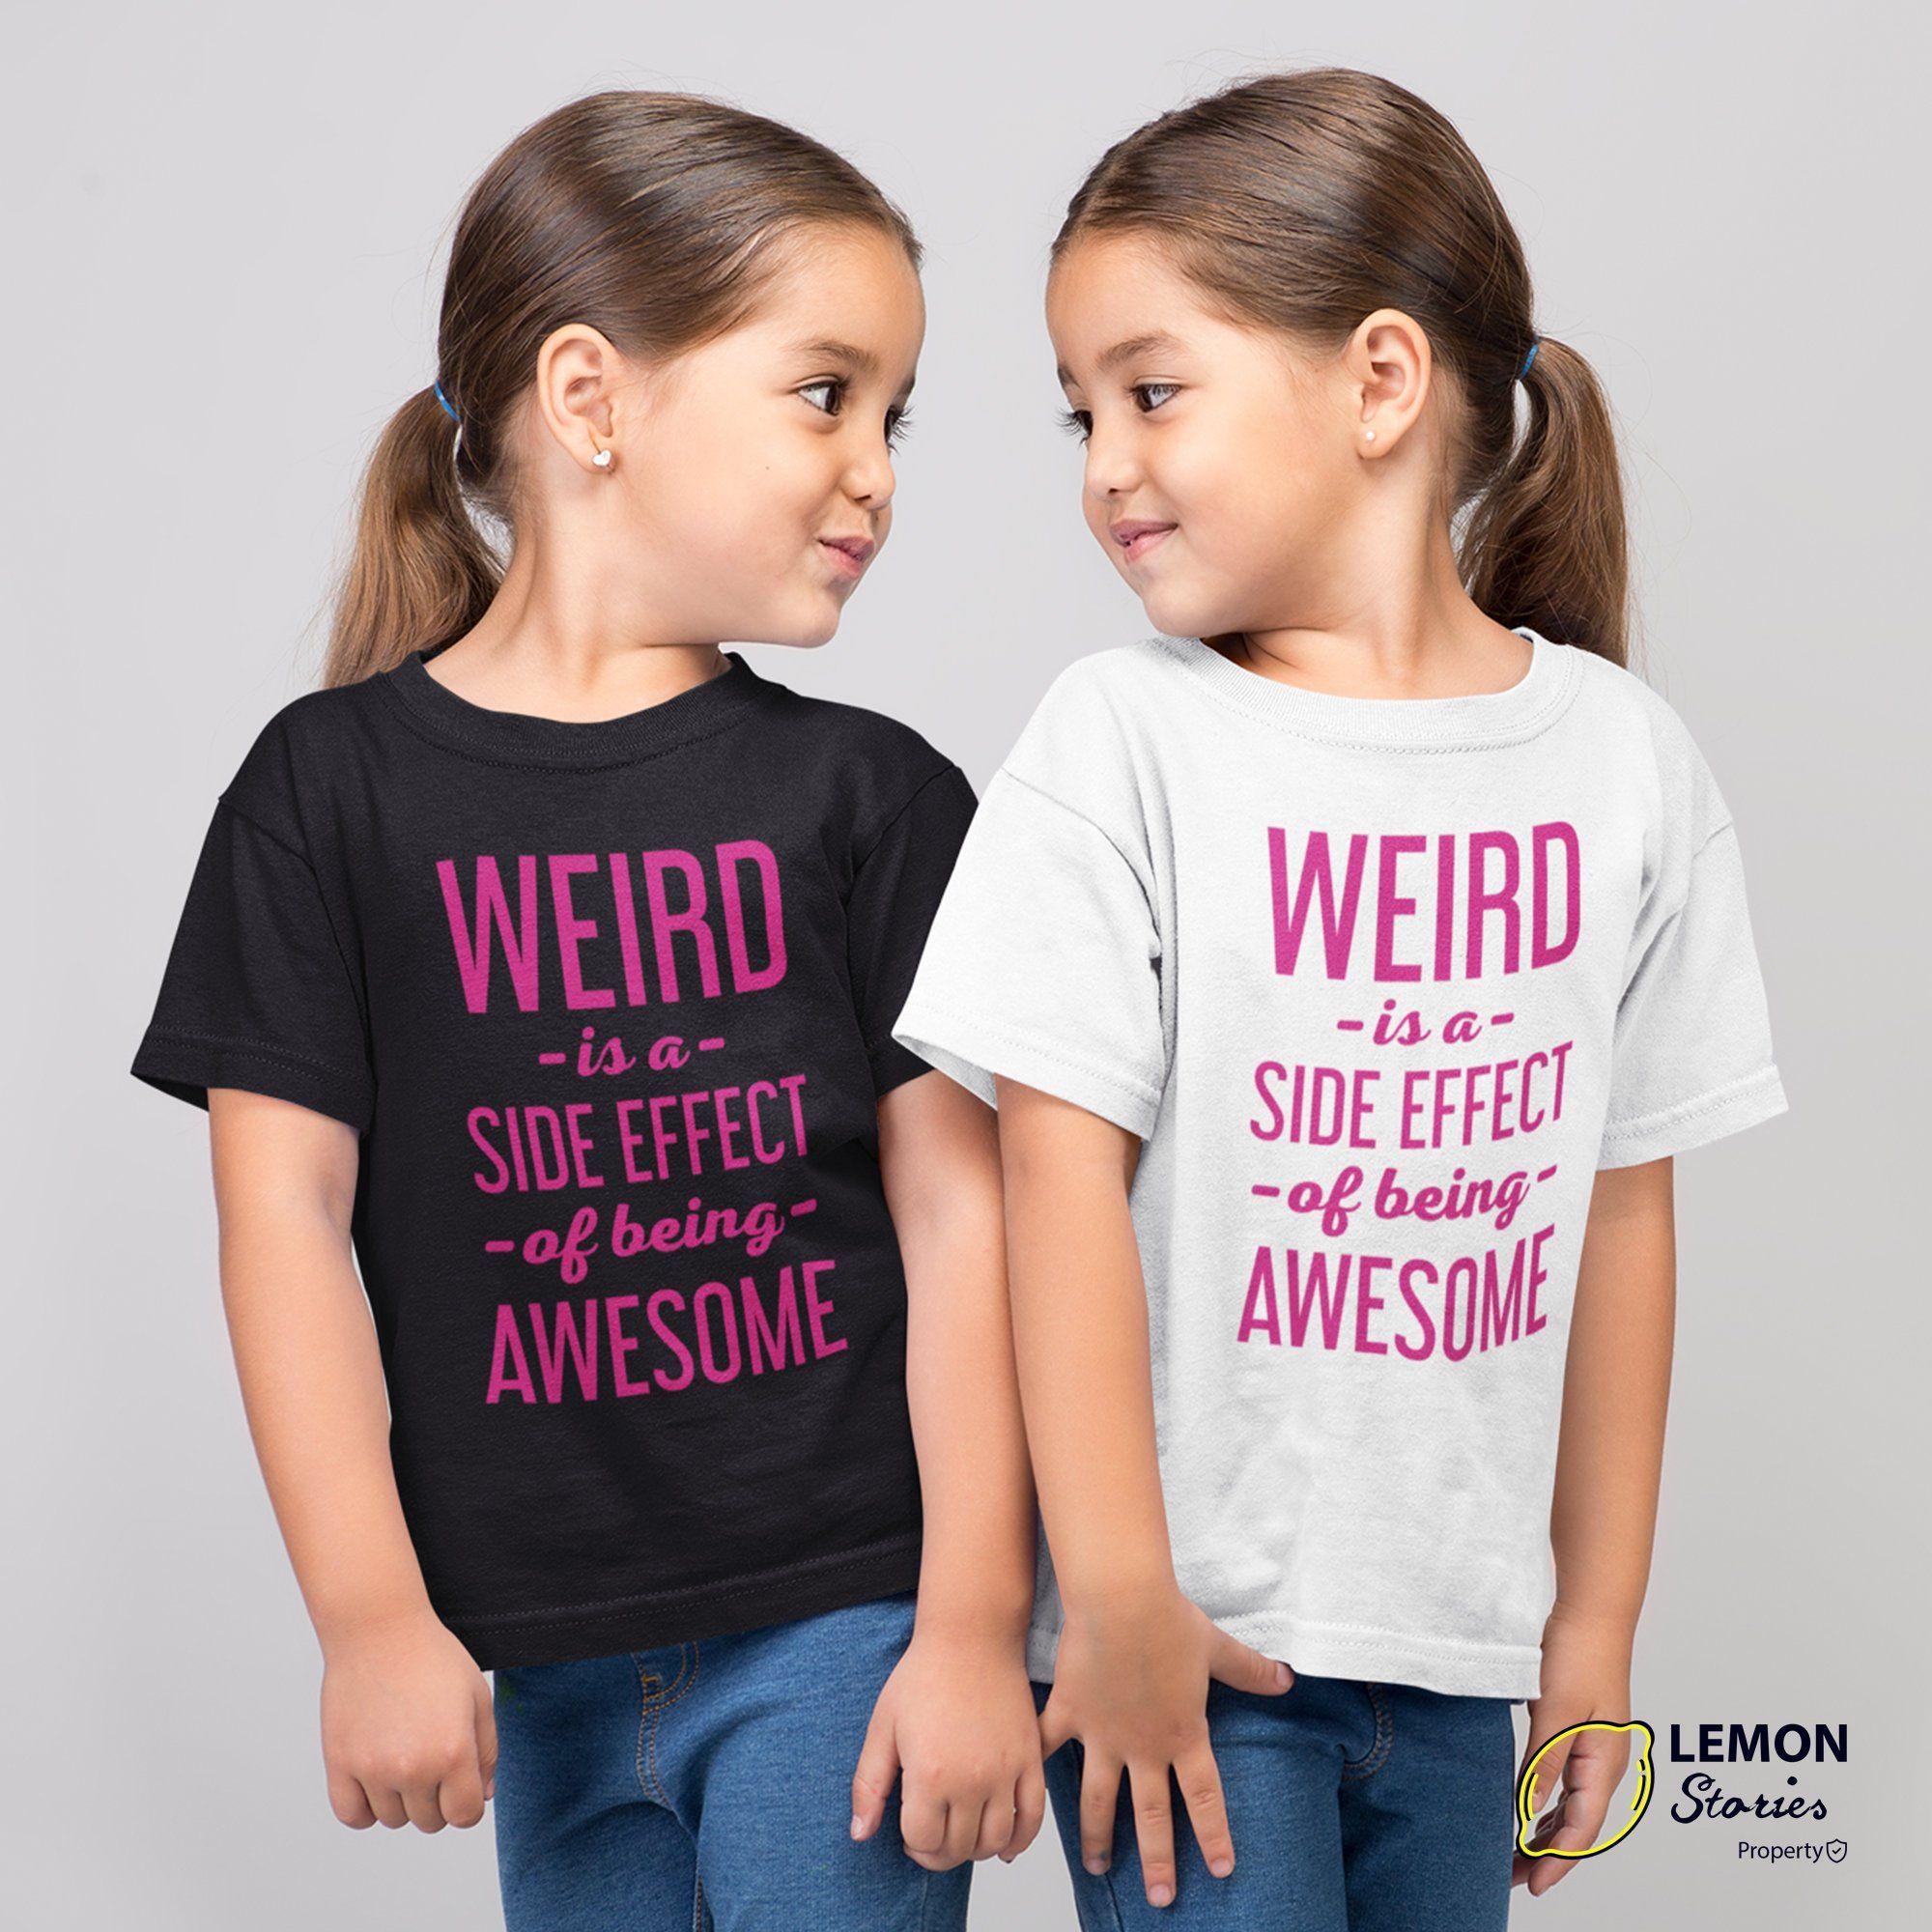 Weird Couple Shirts 9